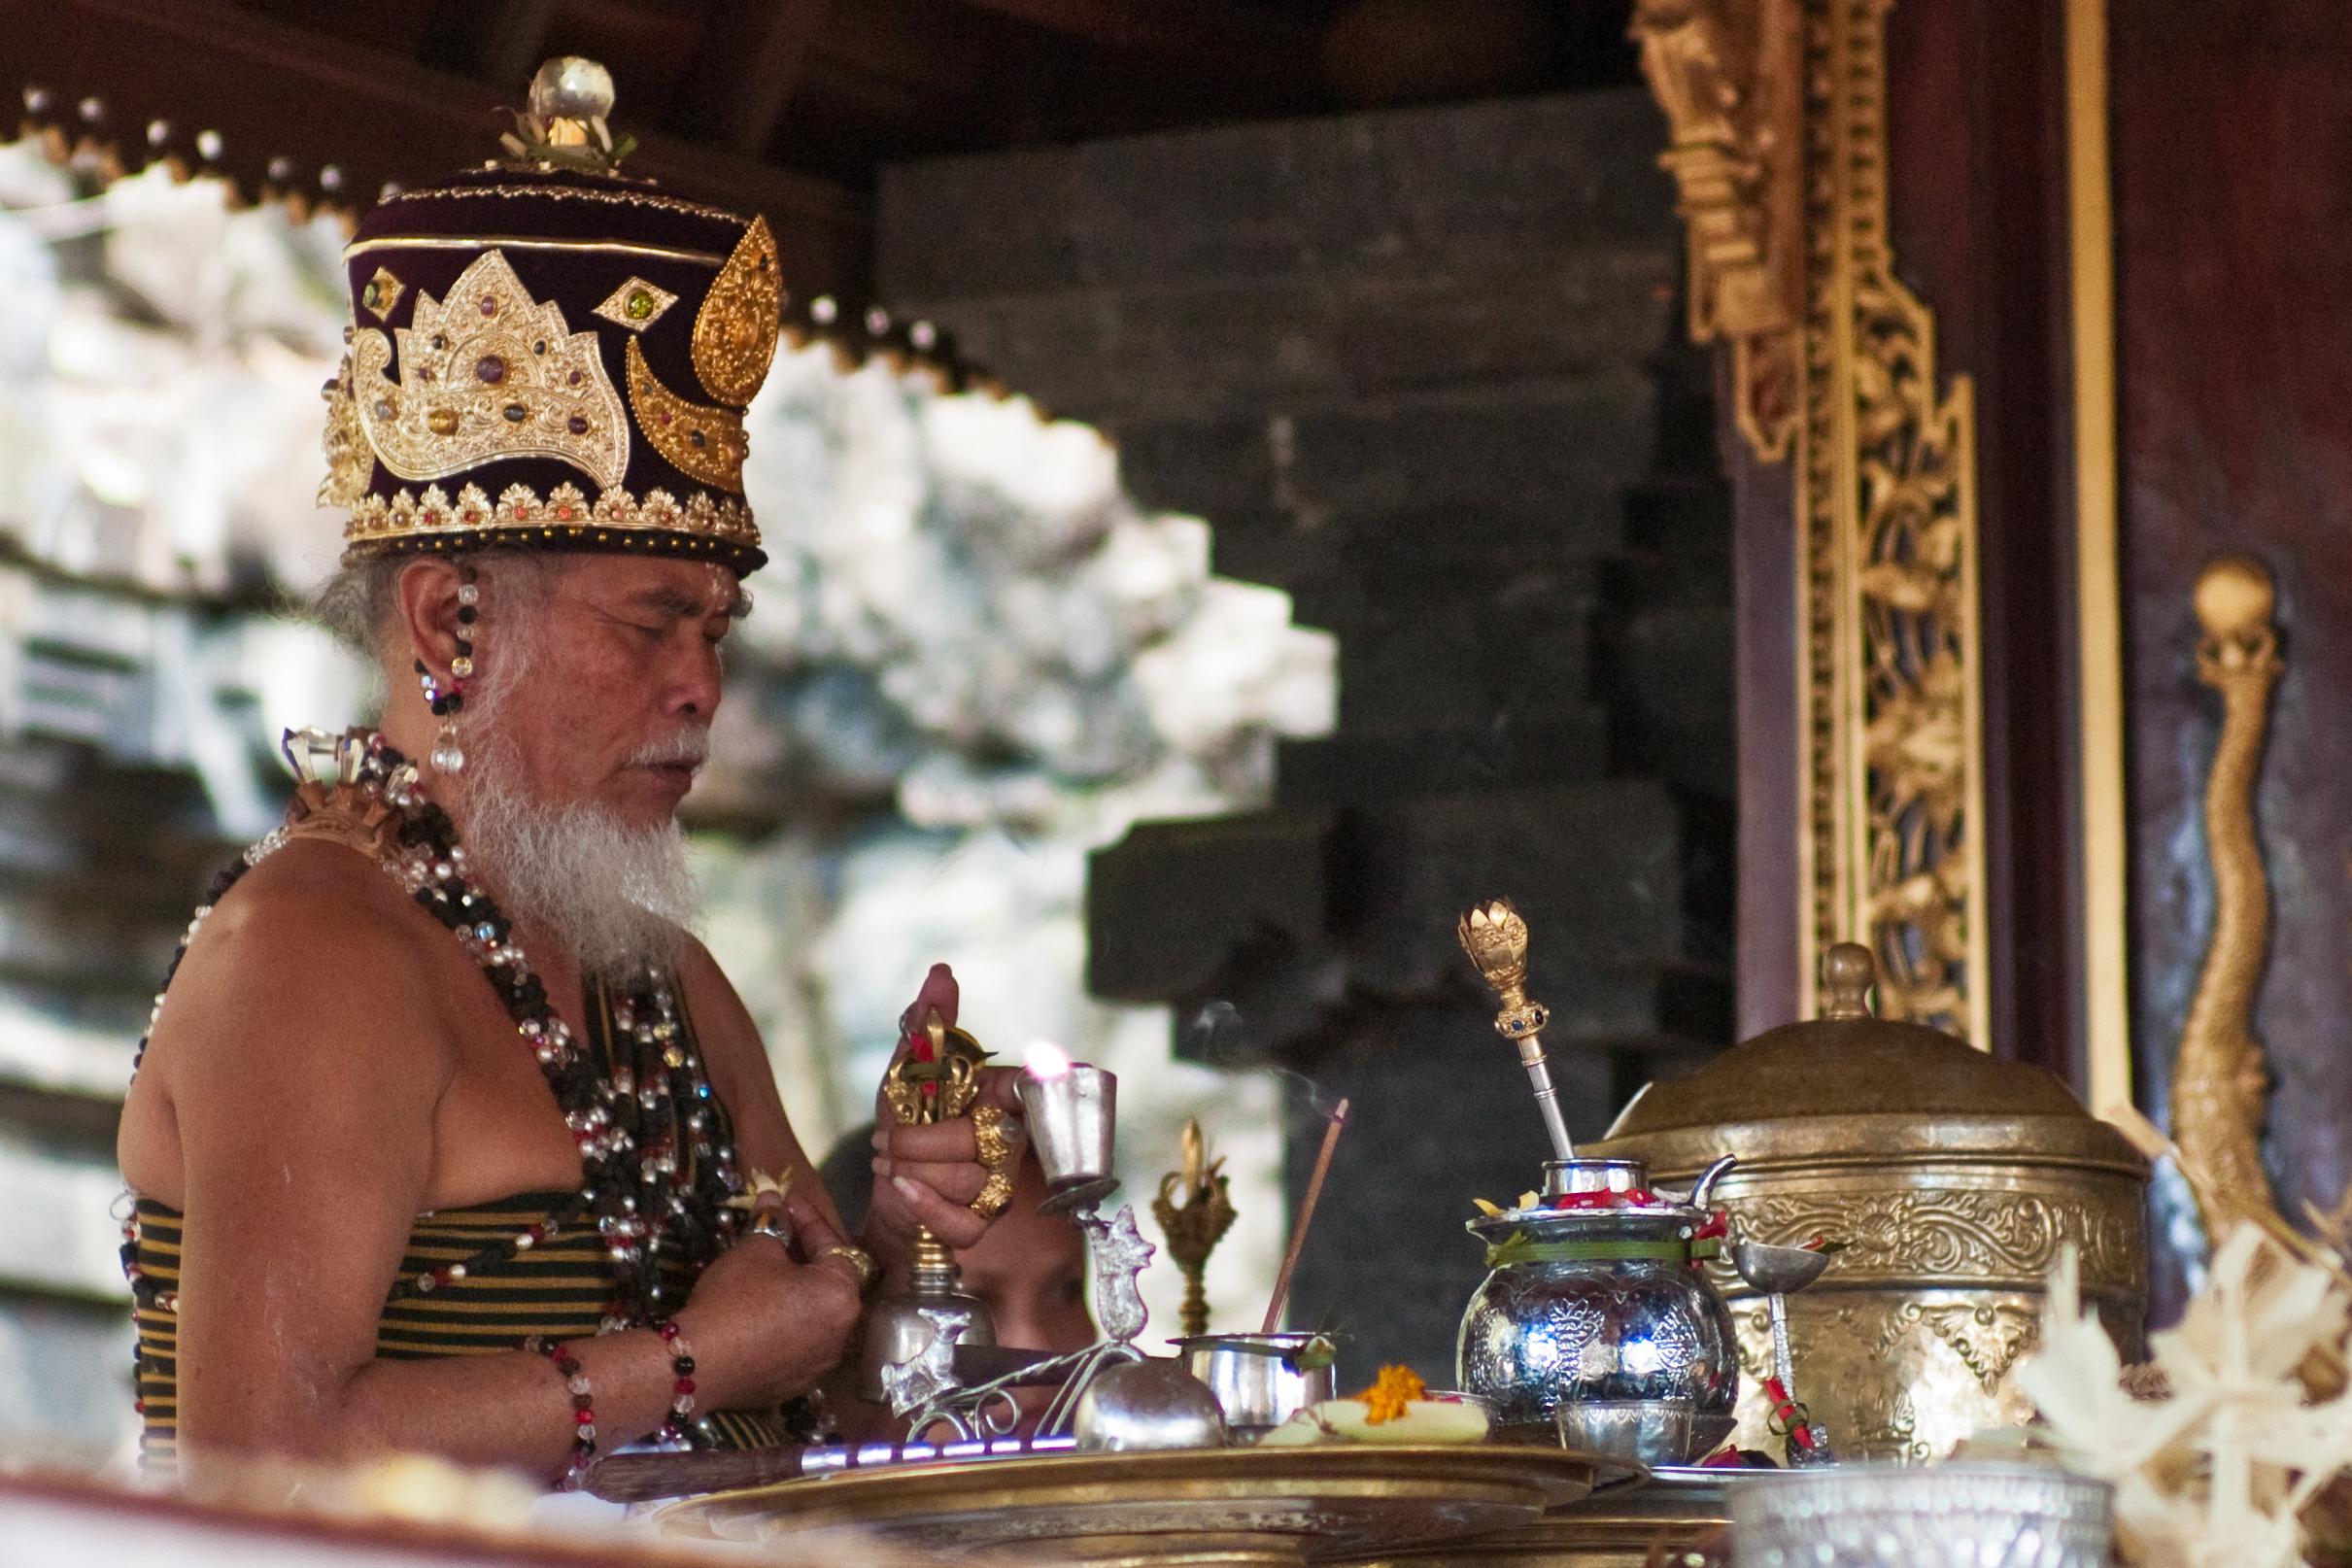 Fond décran temple portrait prière hindouisme religion